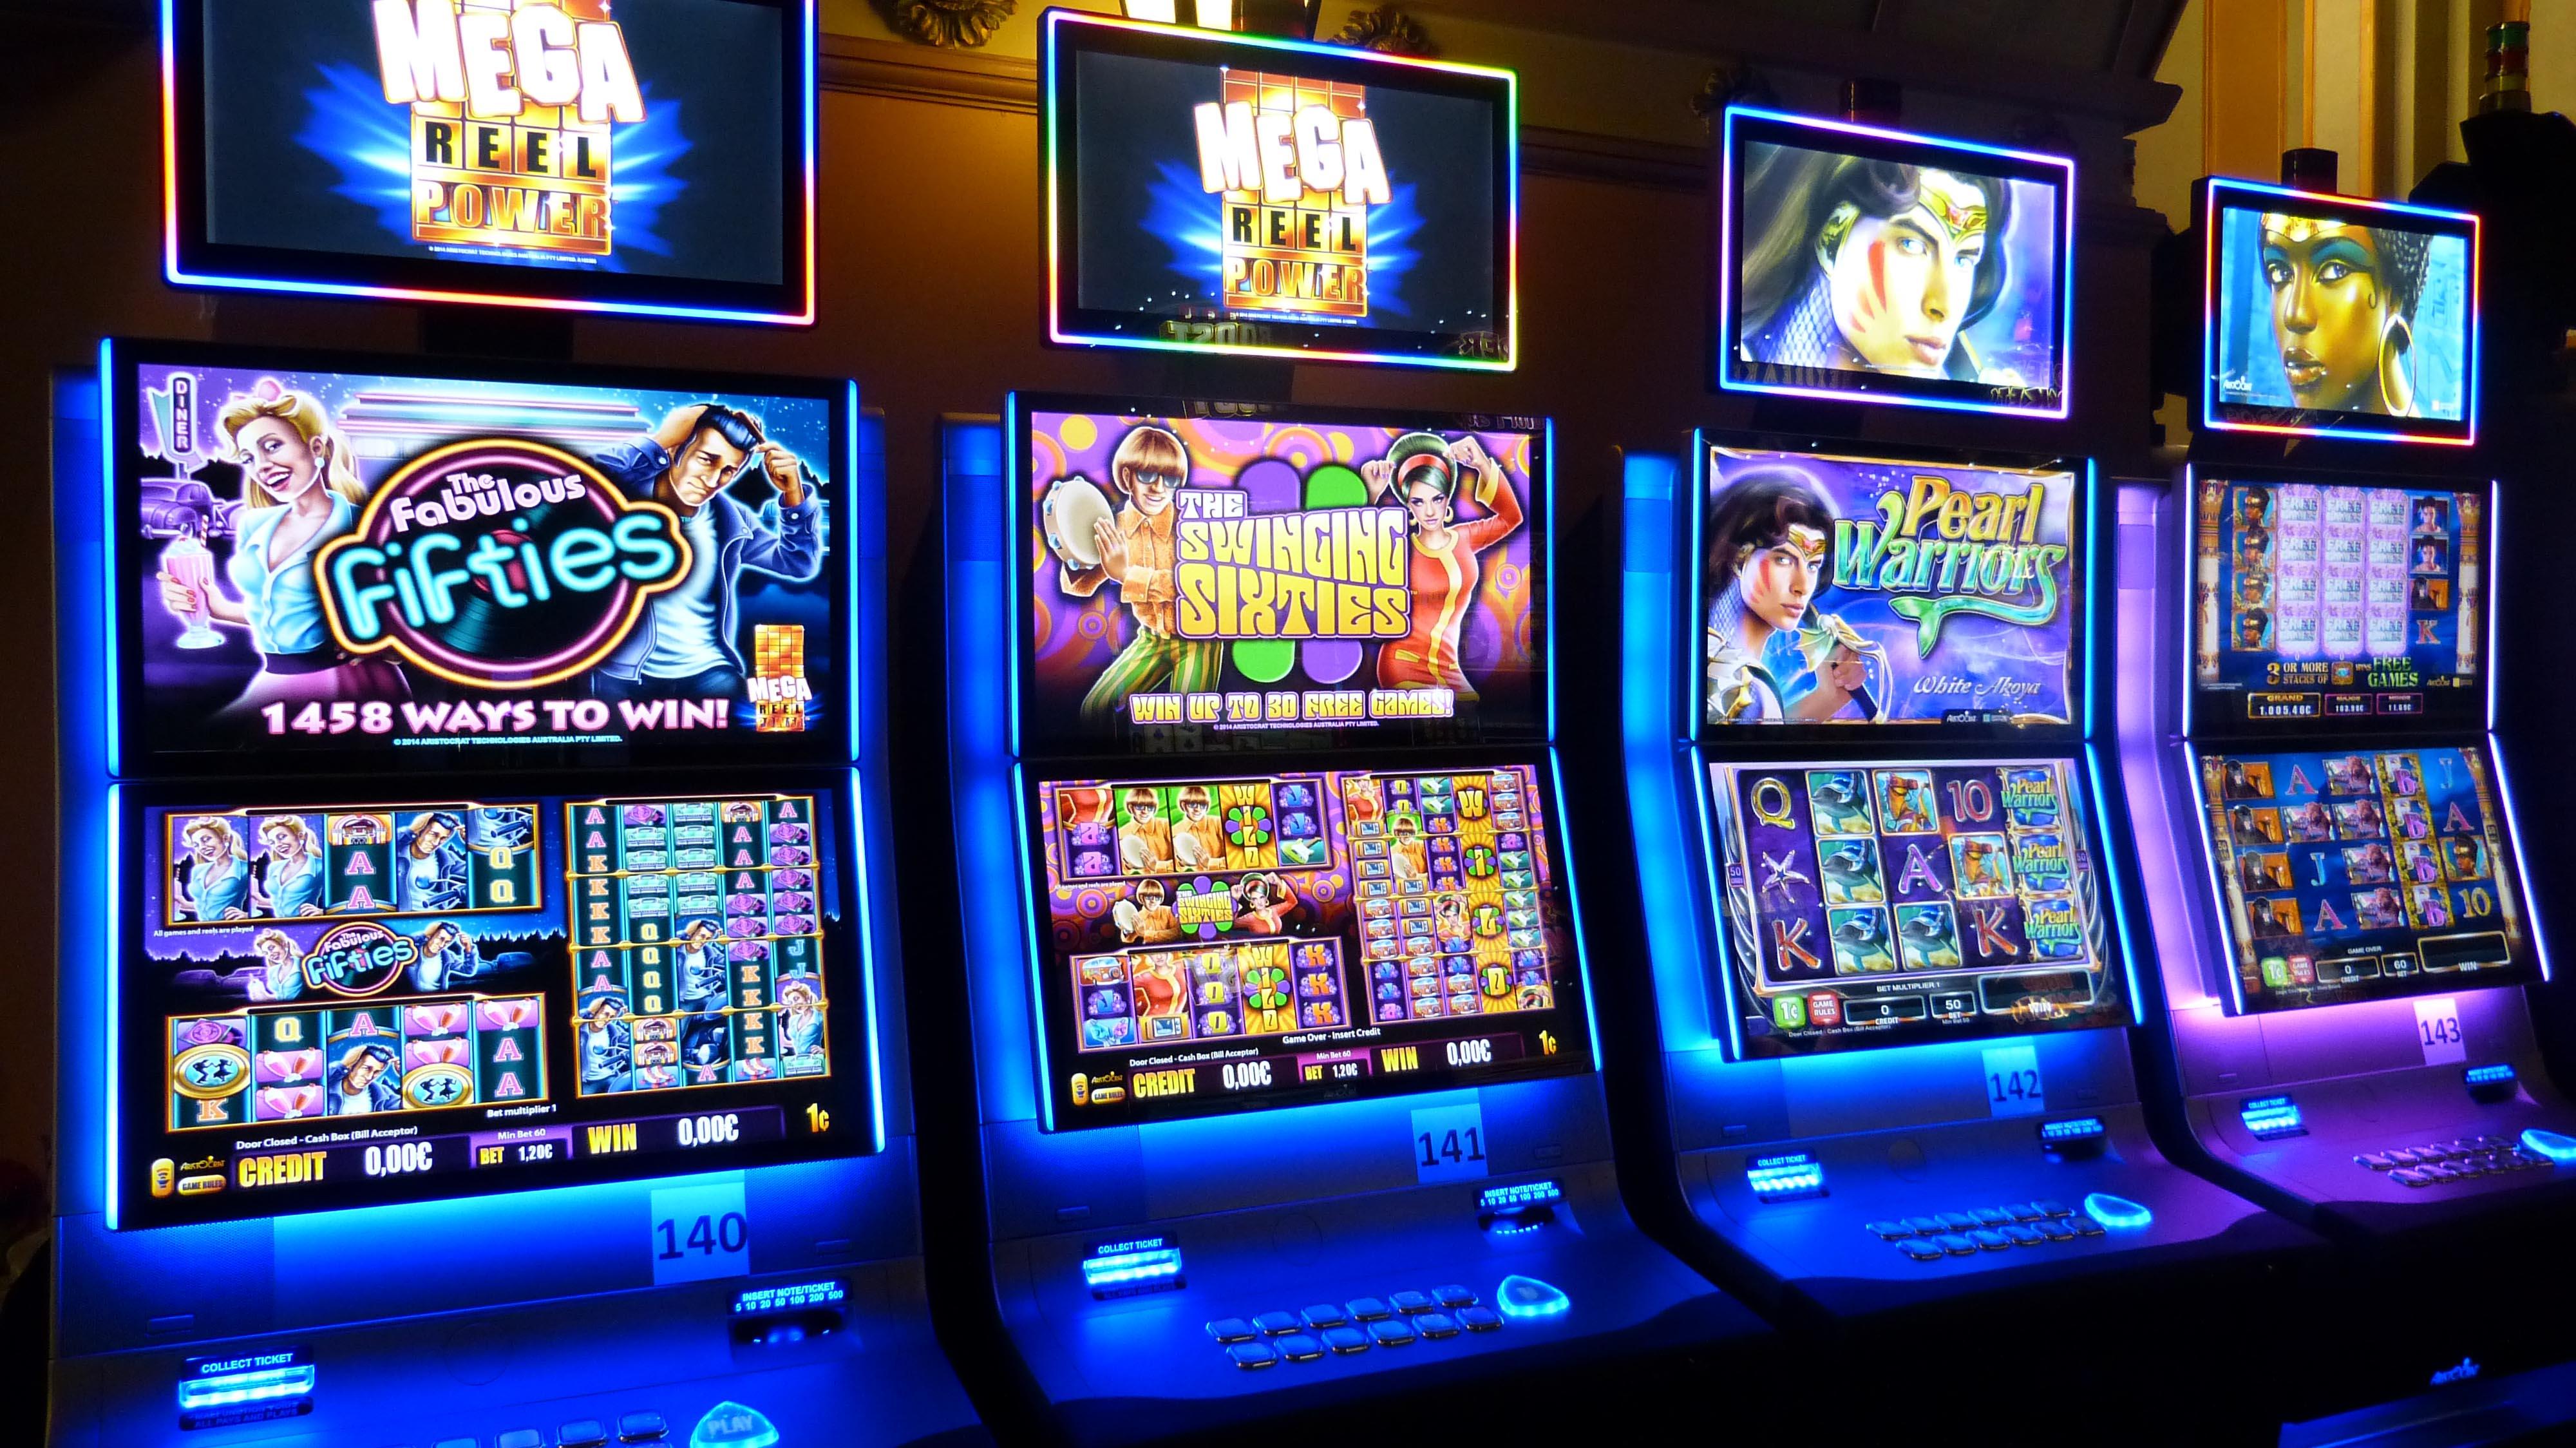 jeux gratuits casino slot